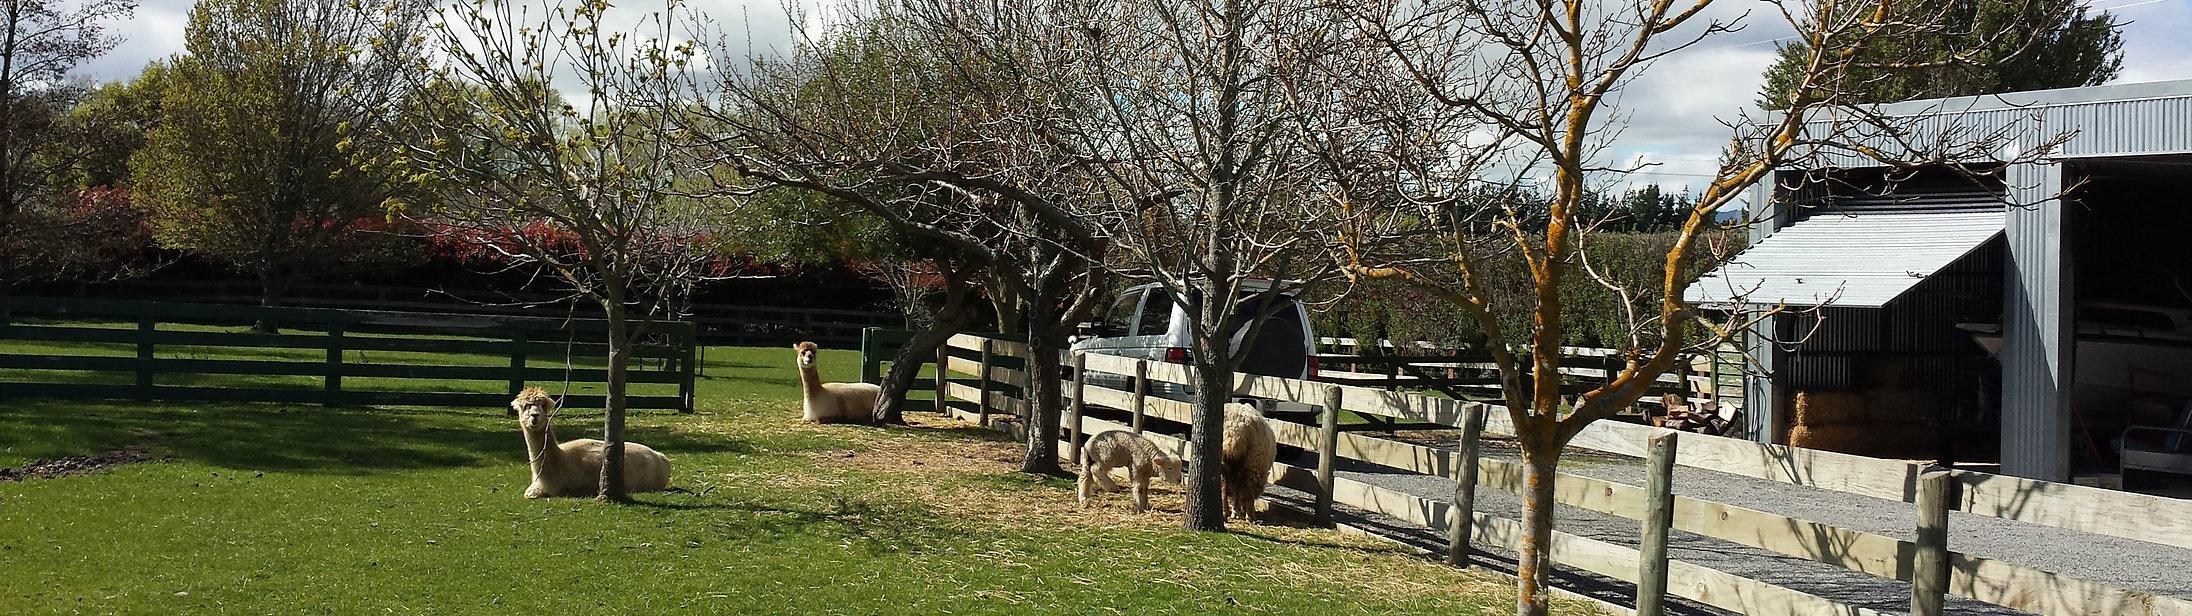 Alpacas in a farm paddock amongst trees beside farm buildings